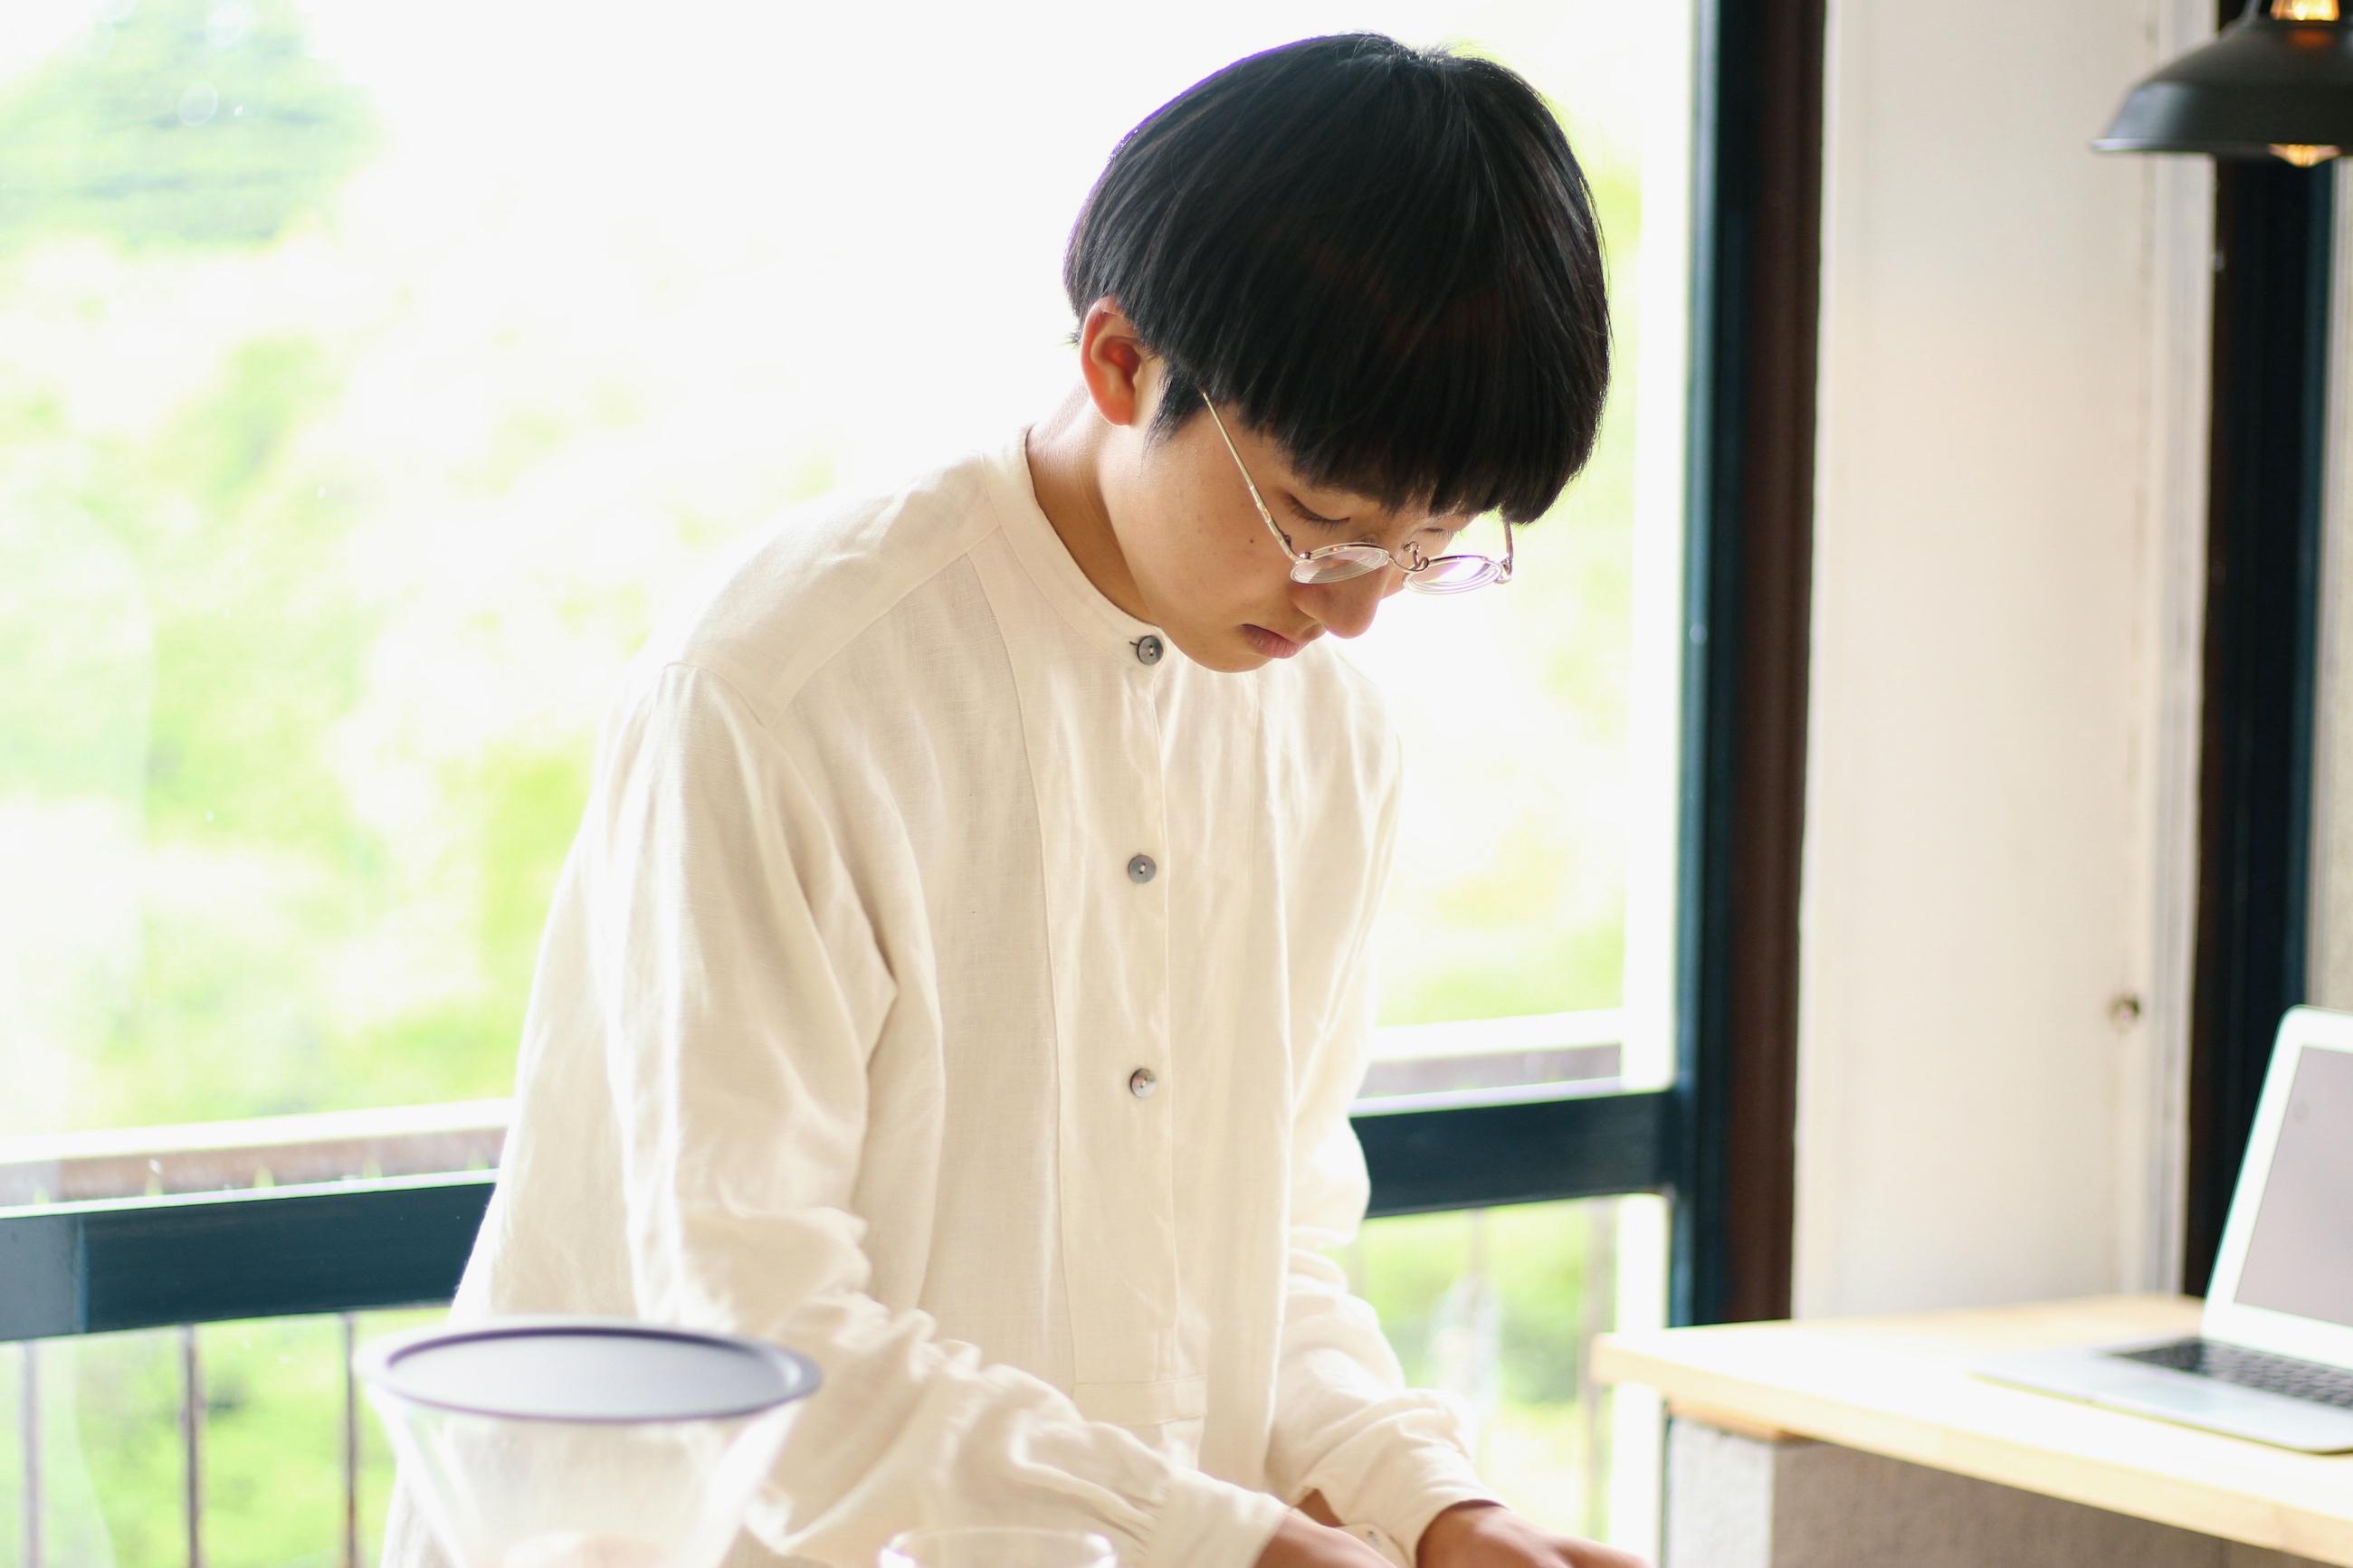 桐生のコーヒー研究家(15歳)から学ぶ、人生の目的